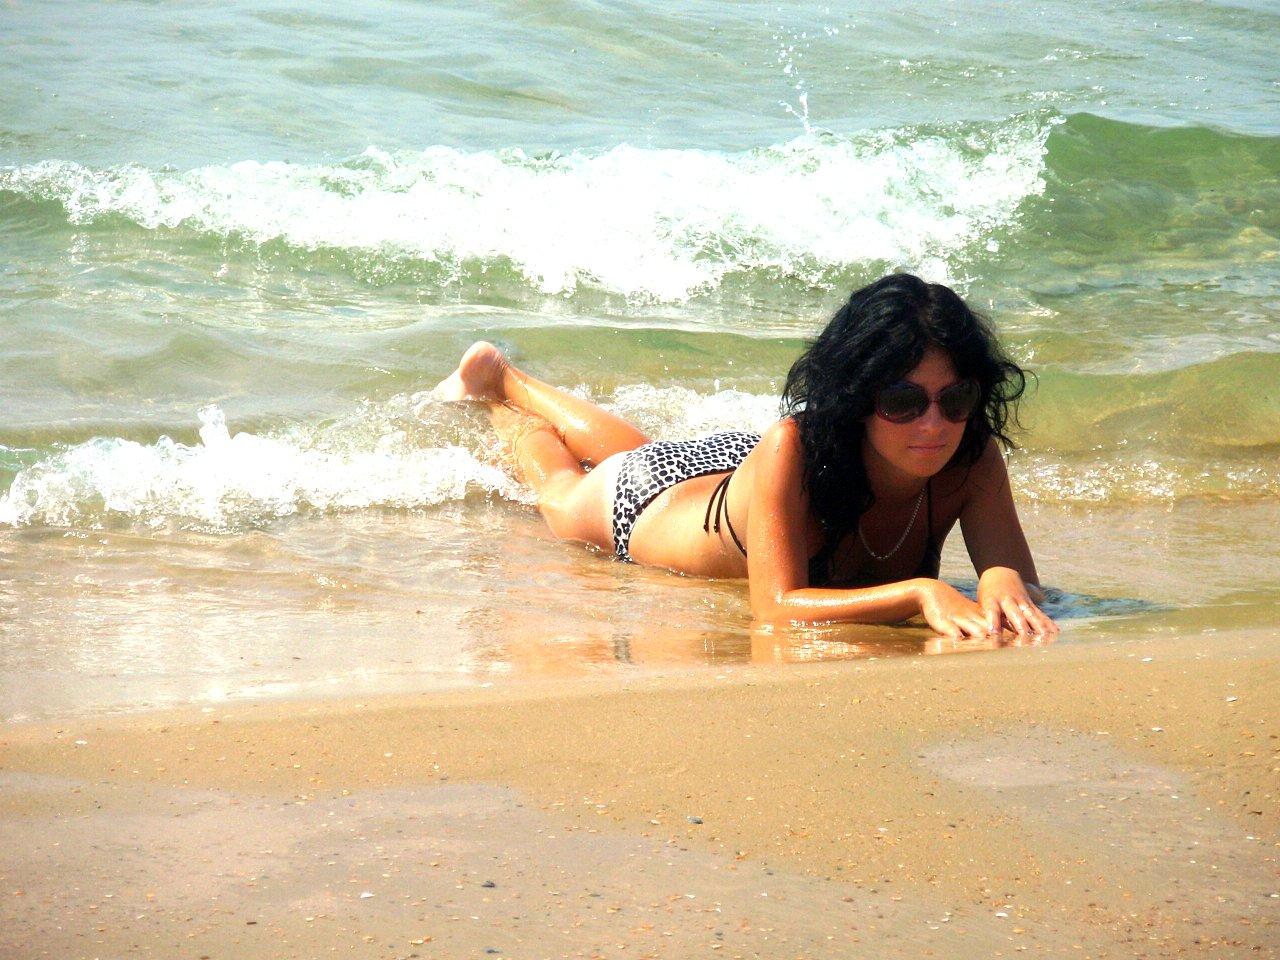 Девчонка в  купальнике среди волн